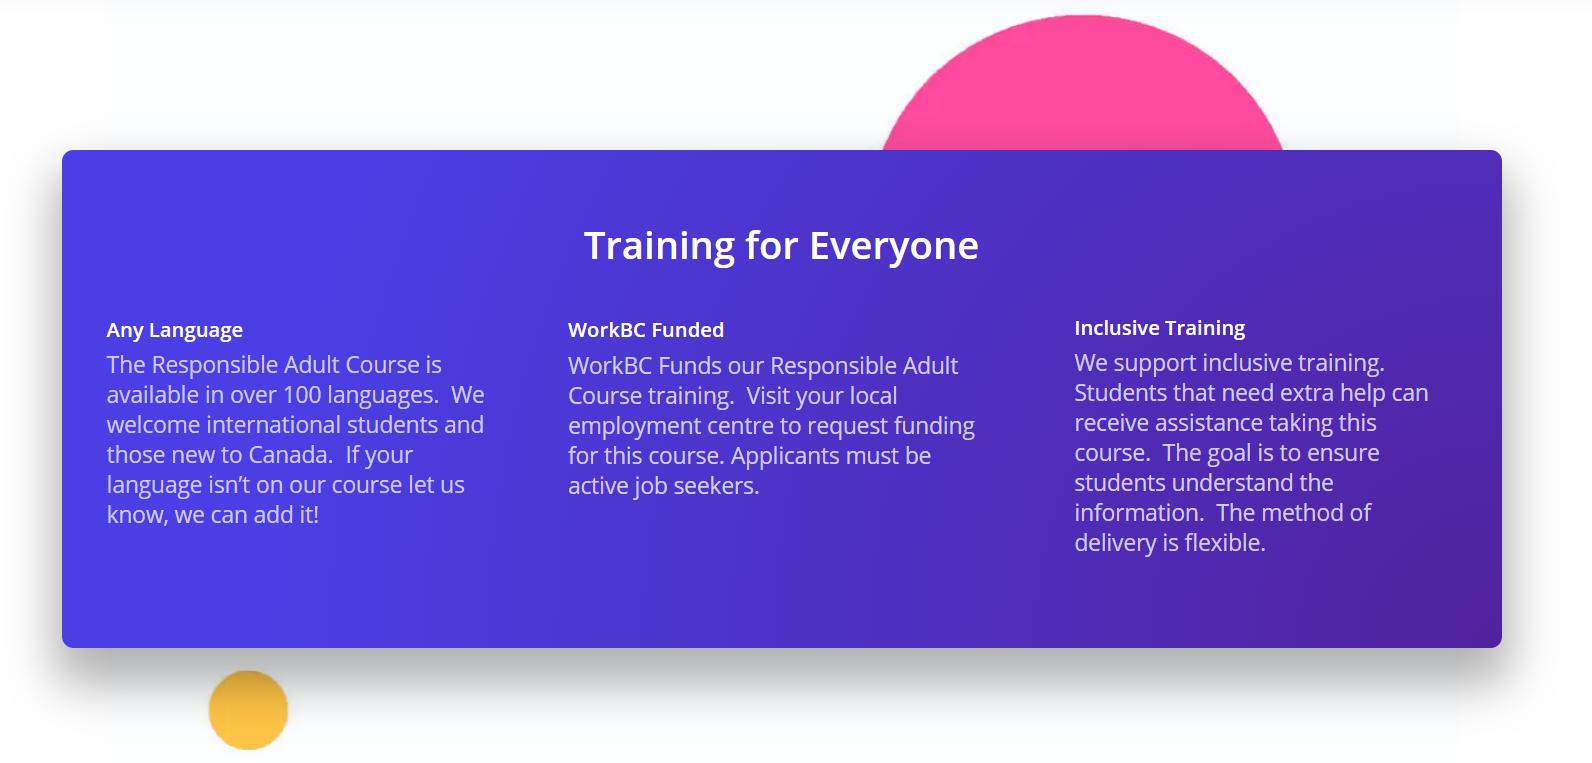 Inclusive Training